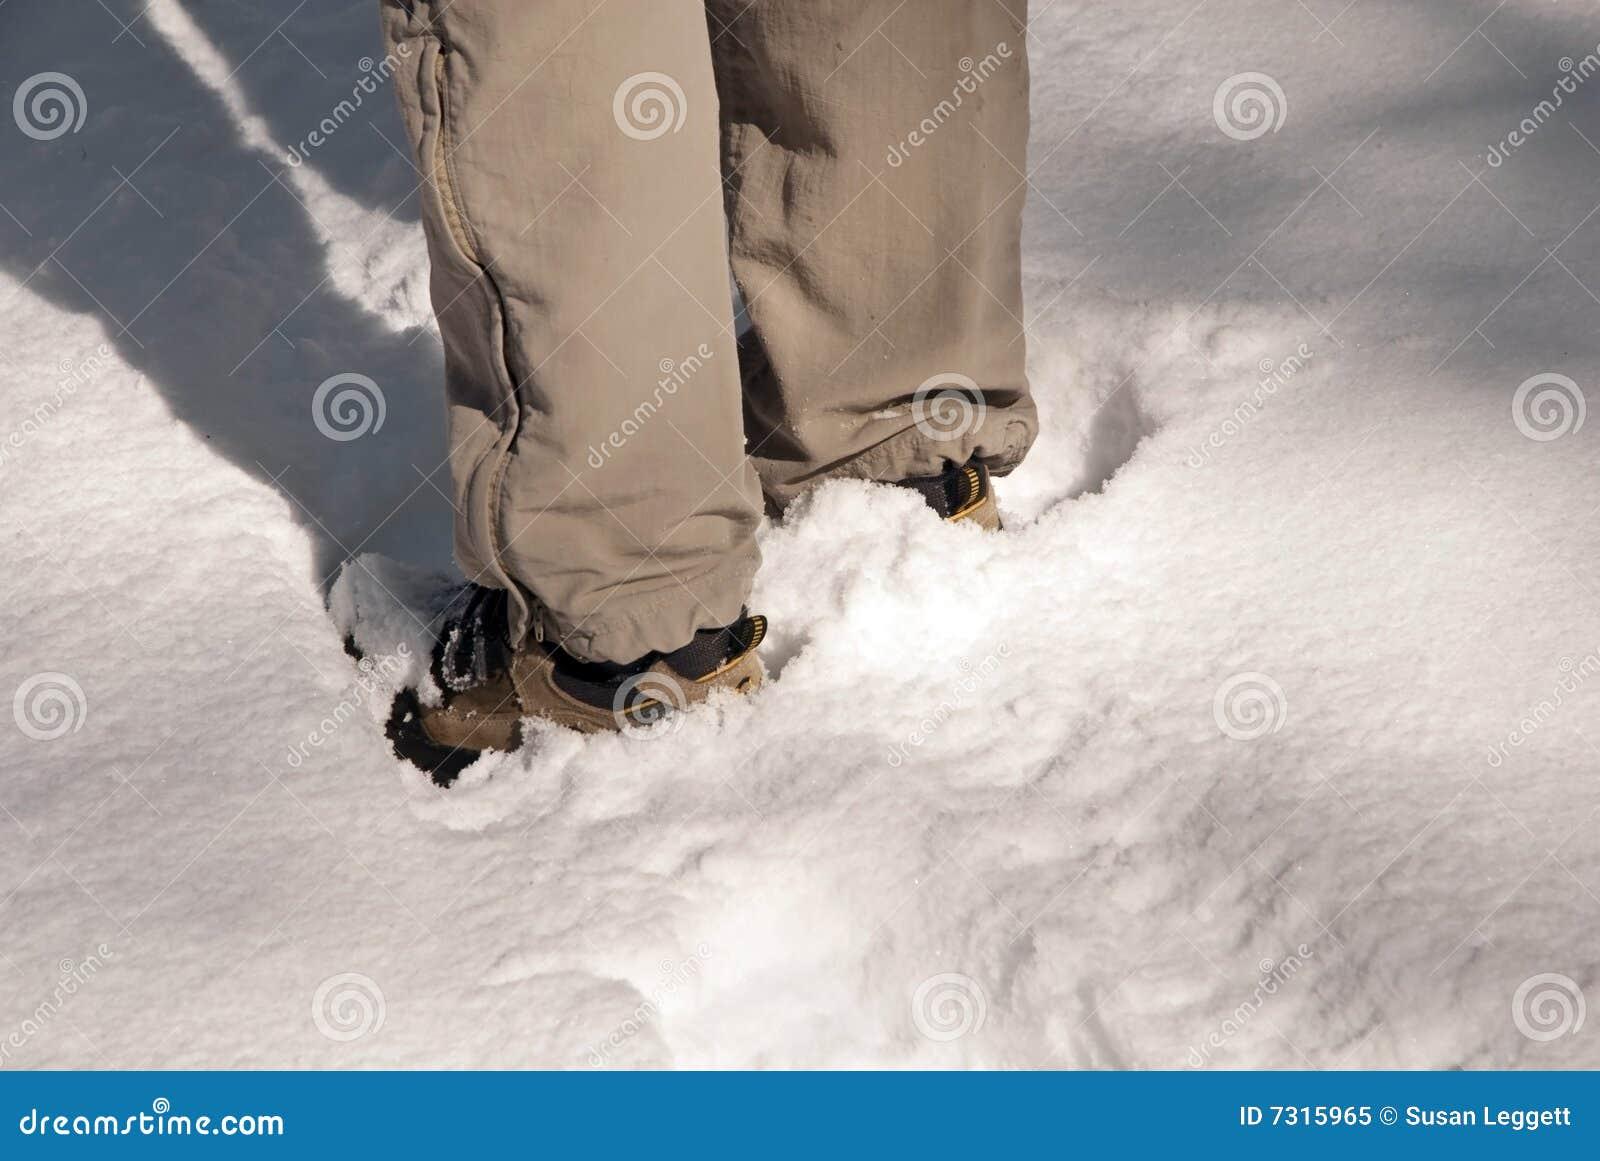 Levandosi in piedi nella neve